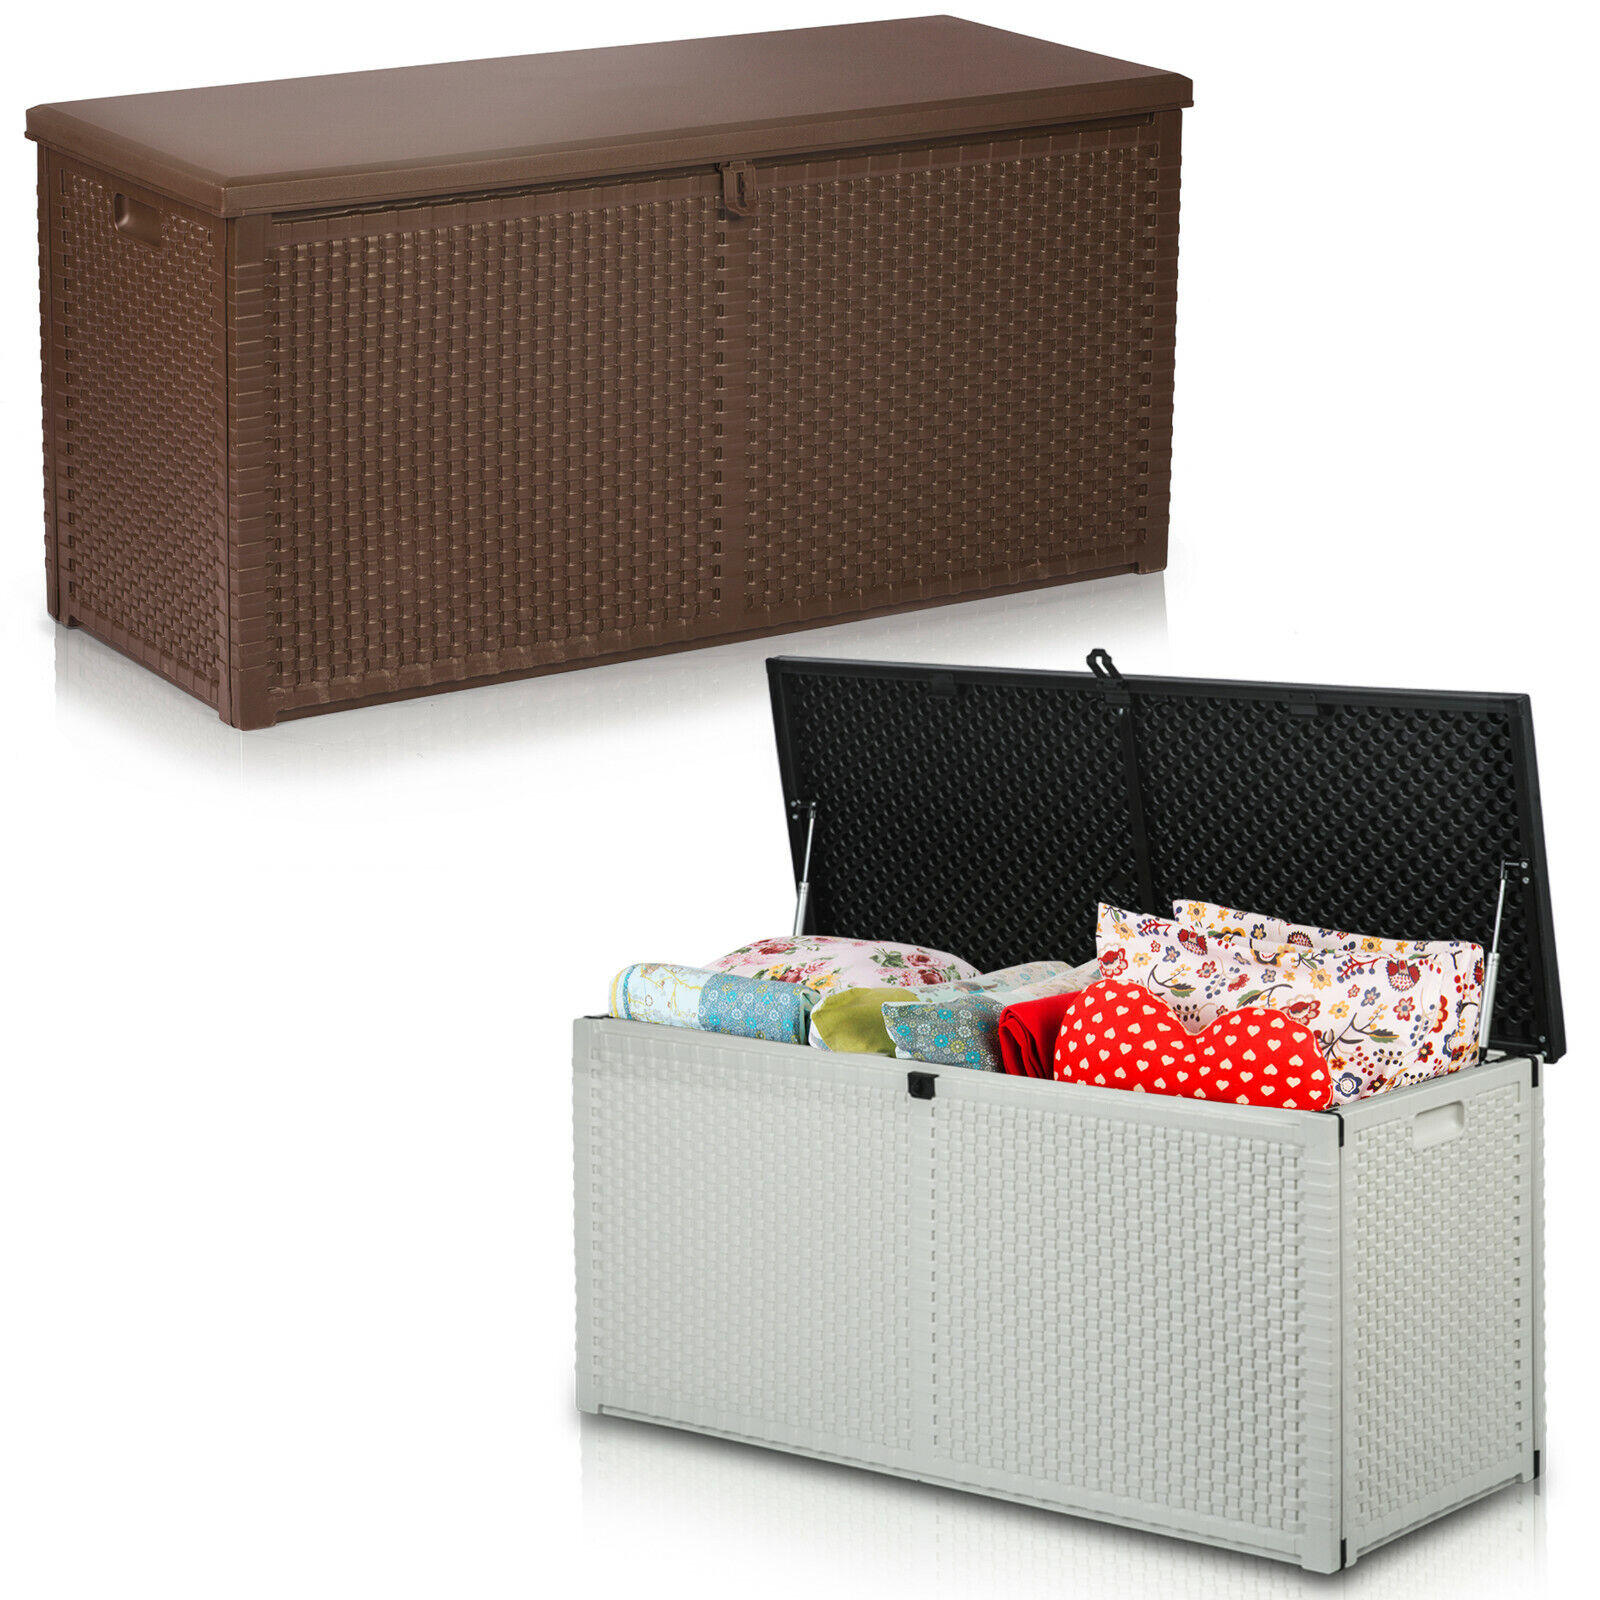 XL Auflagenbox Kissenbox Gartenbox Gartentruhe Kunststoff Anthrazit 320L